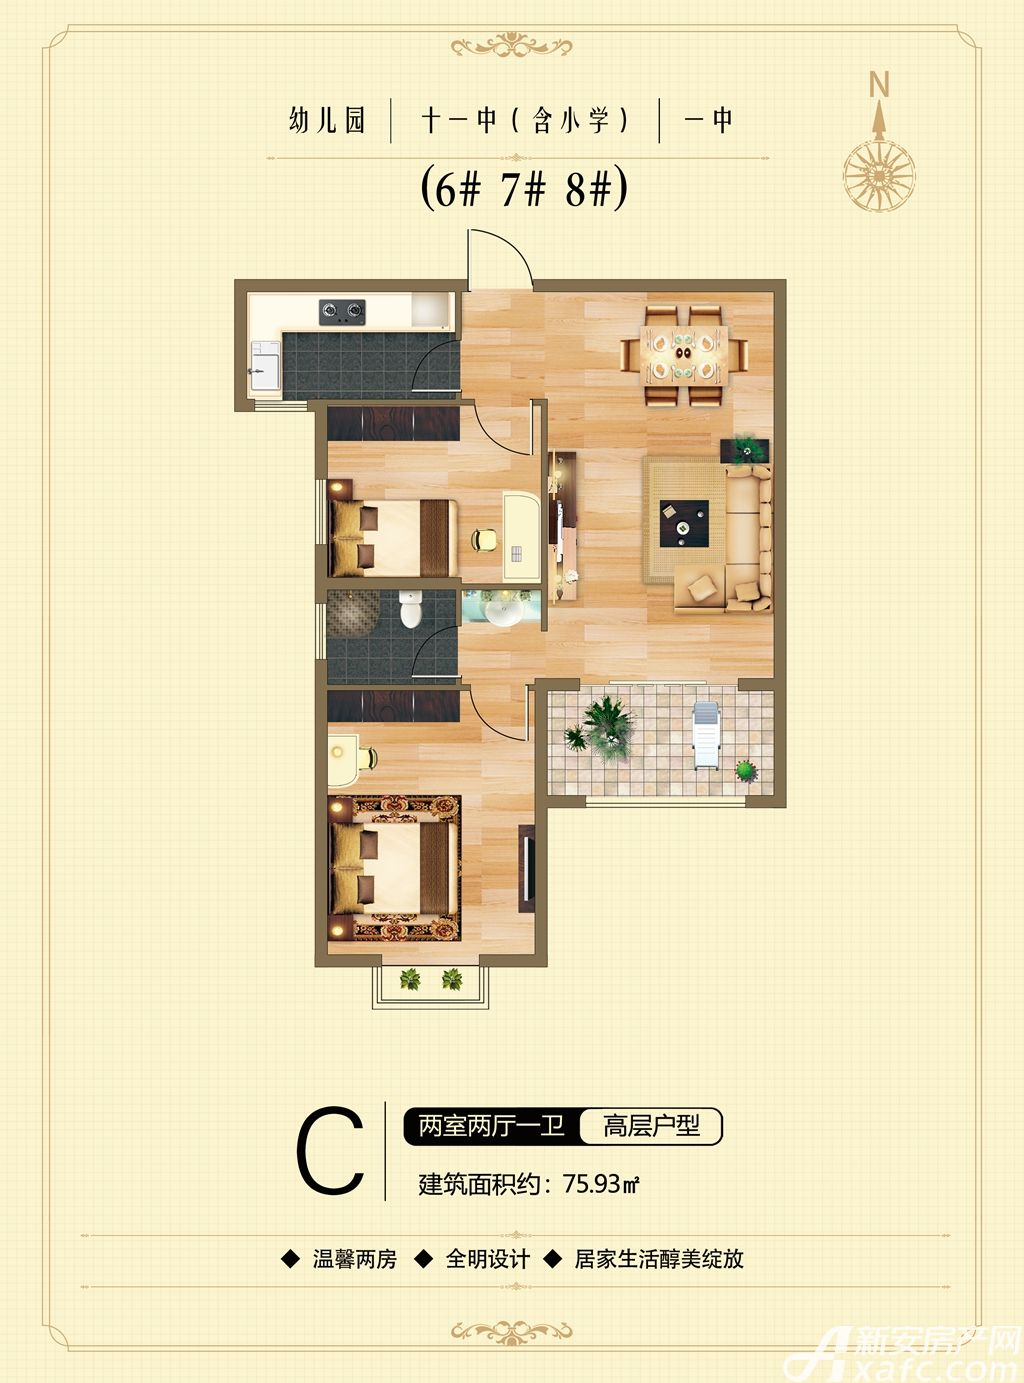 龙汇学源居C户型2室2厅75.93平米